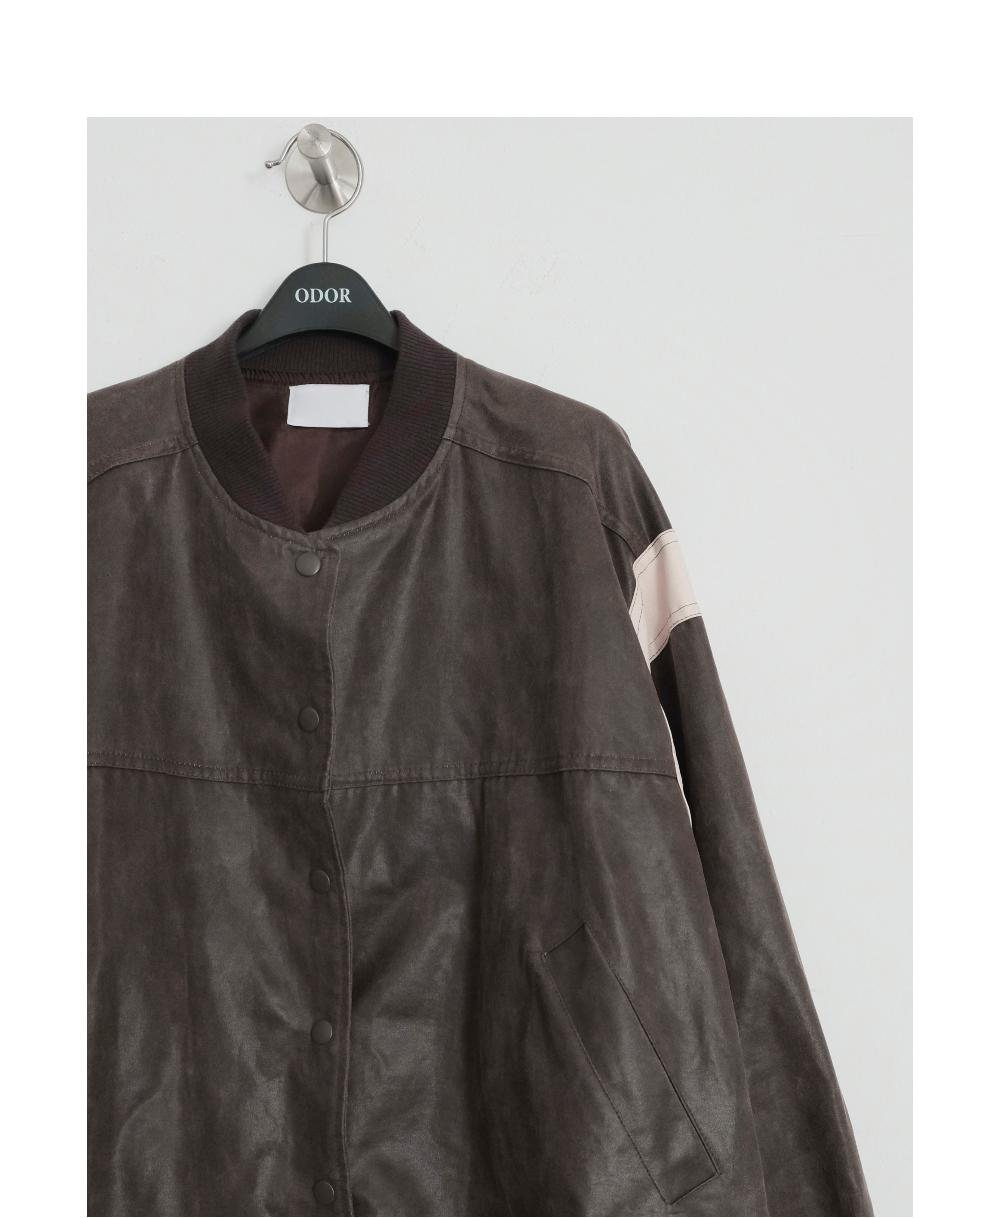 재킷 상품상세 이미지-S1L30